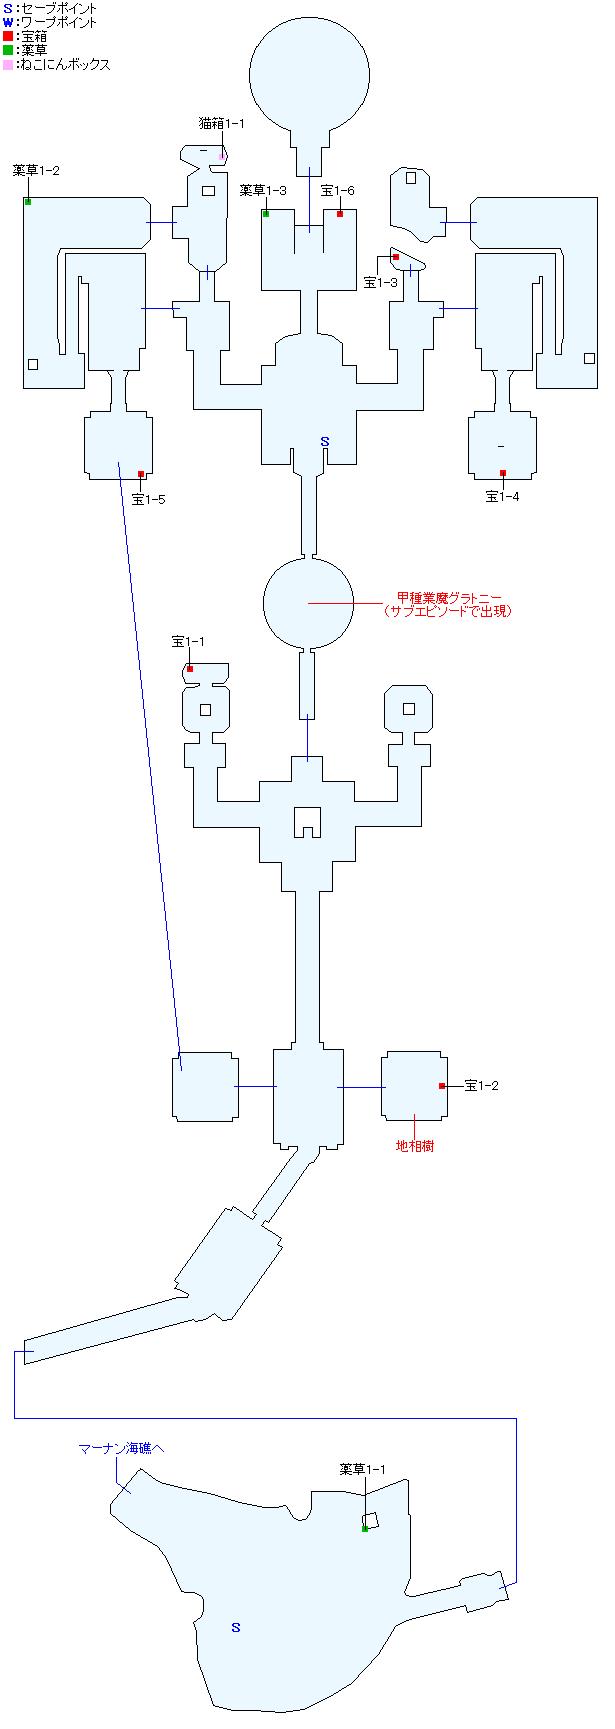 聖殿パラミデスマップ